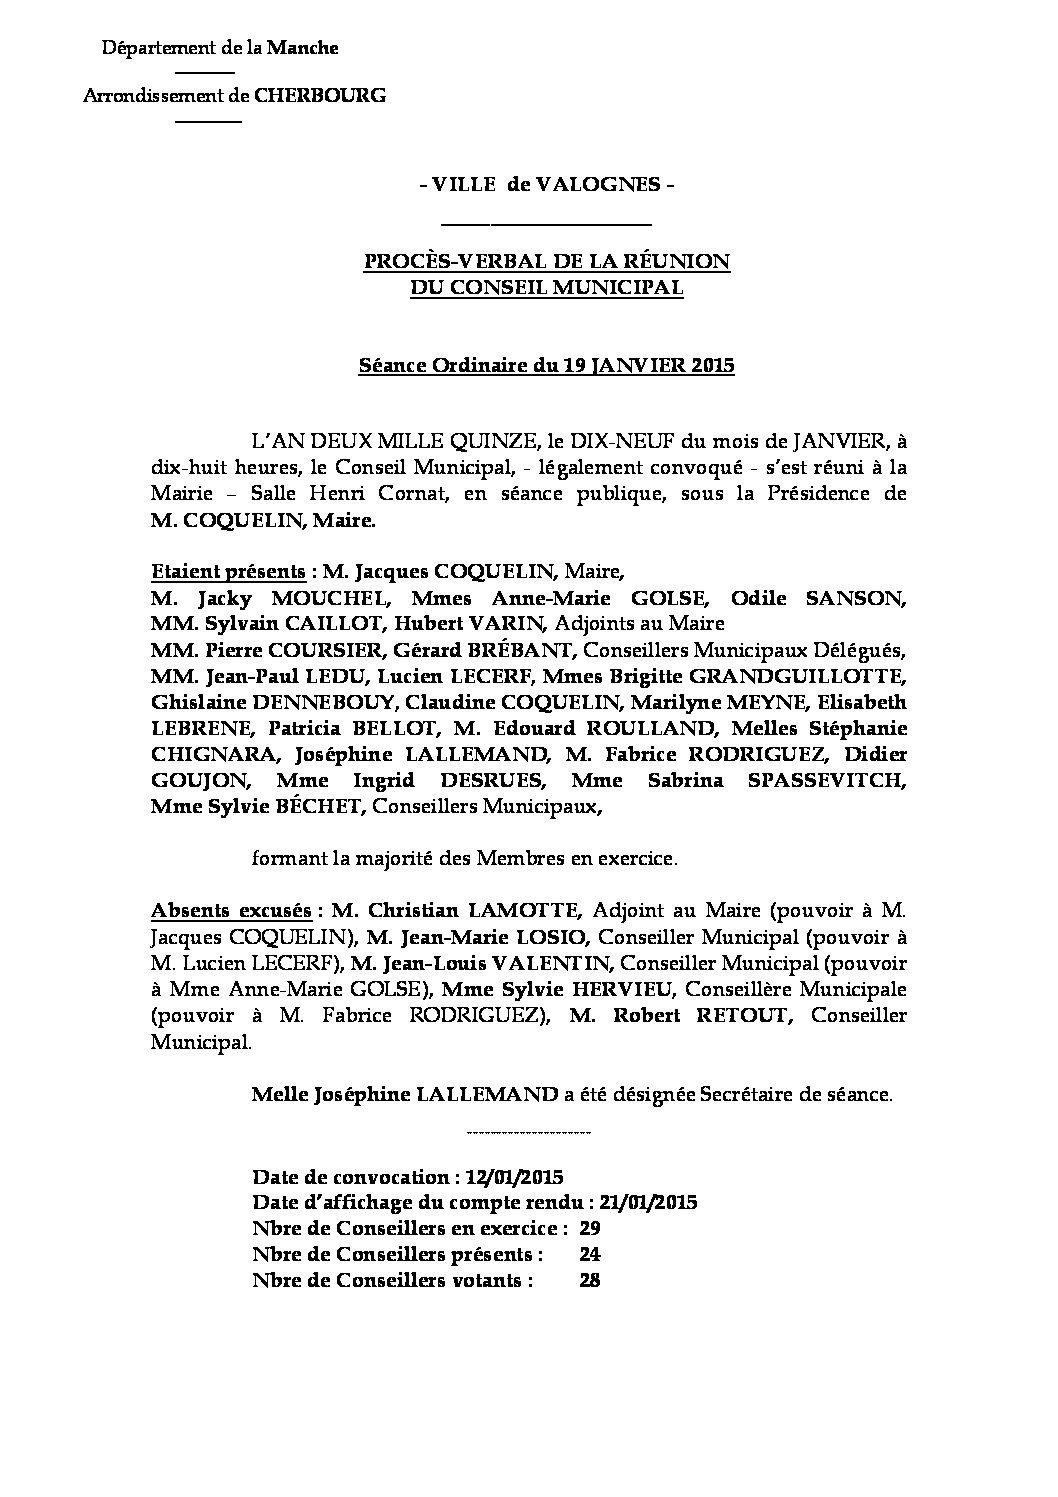 Procès-verbal du 19-01-2015 - Procès-verbal de la réunion du Conseil Municipal du 19 janvier 2015, approuvé à l